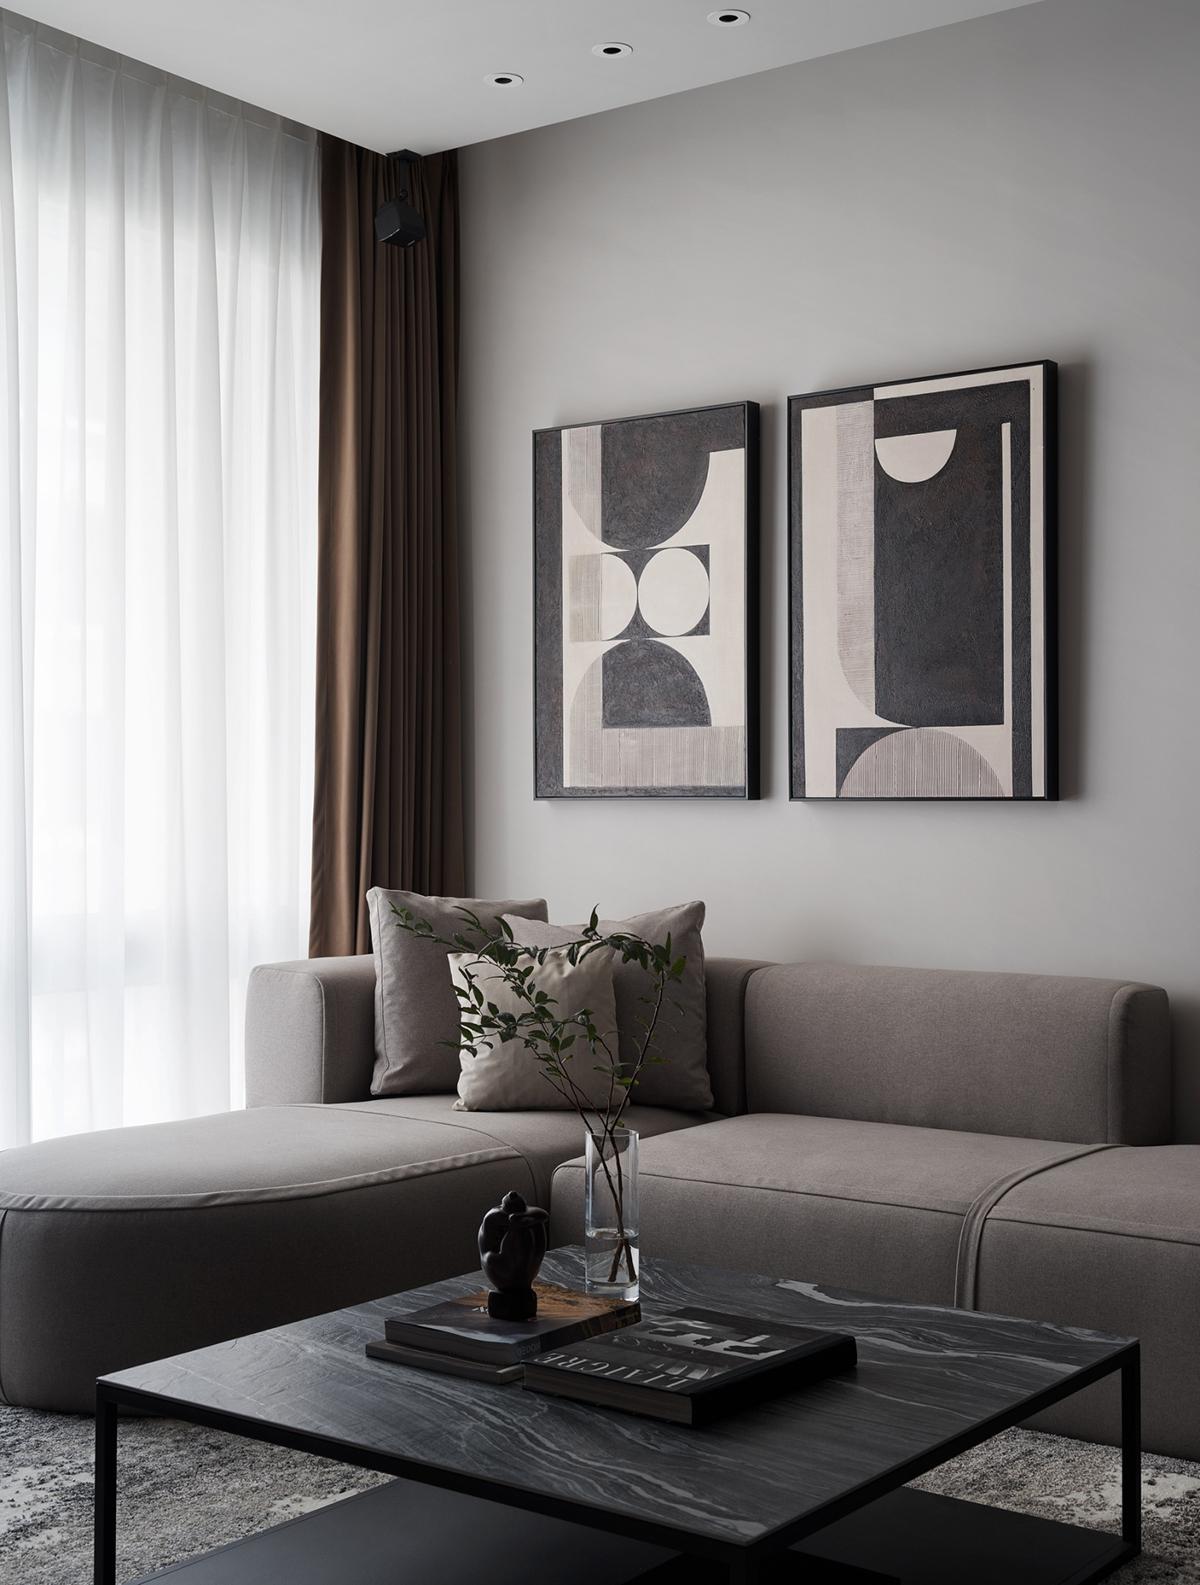 Căn hộ nhỏ tạo sự thư giãn về mặt thị giác bằng những gam màu tối đầy ấn tượng - ảnh 10